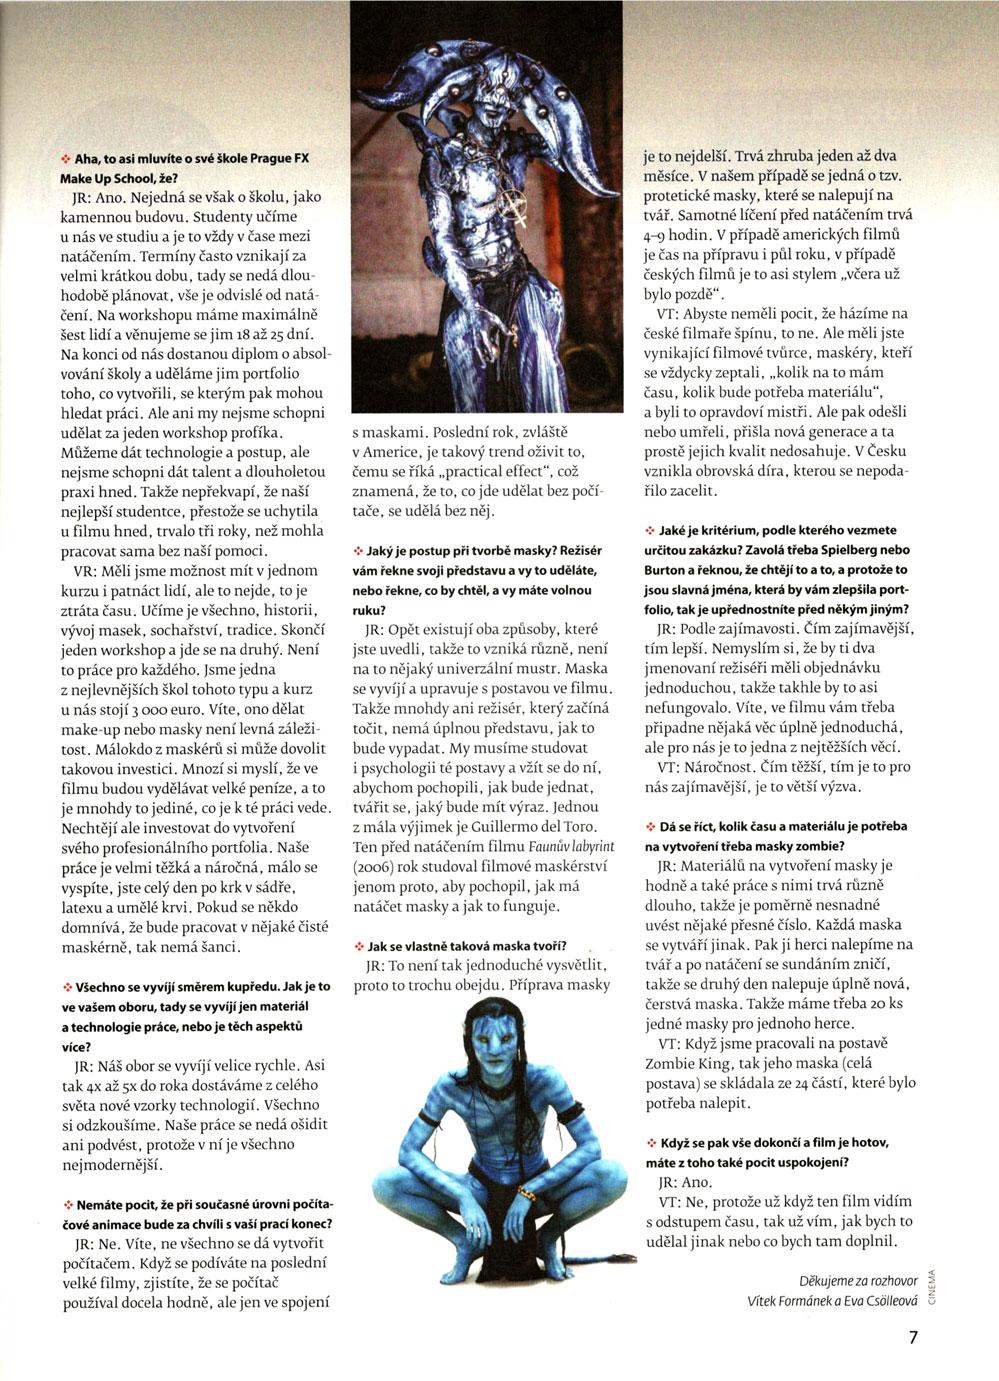 josef rarach - press 5.jpg